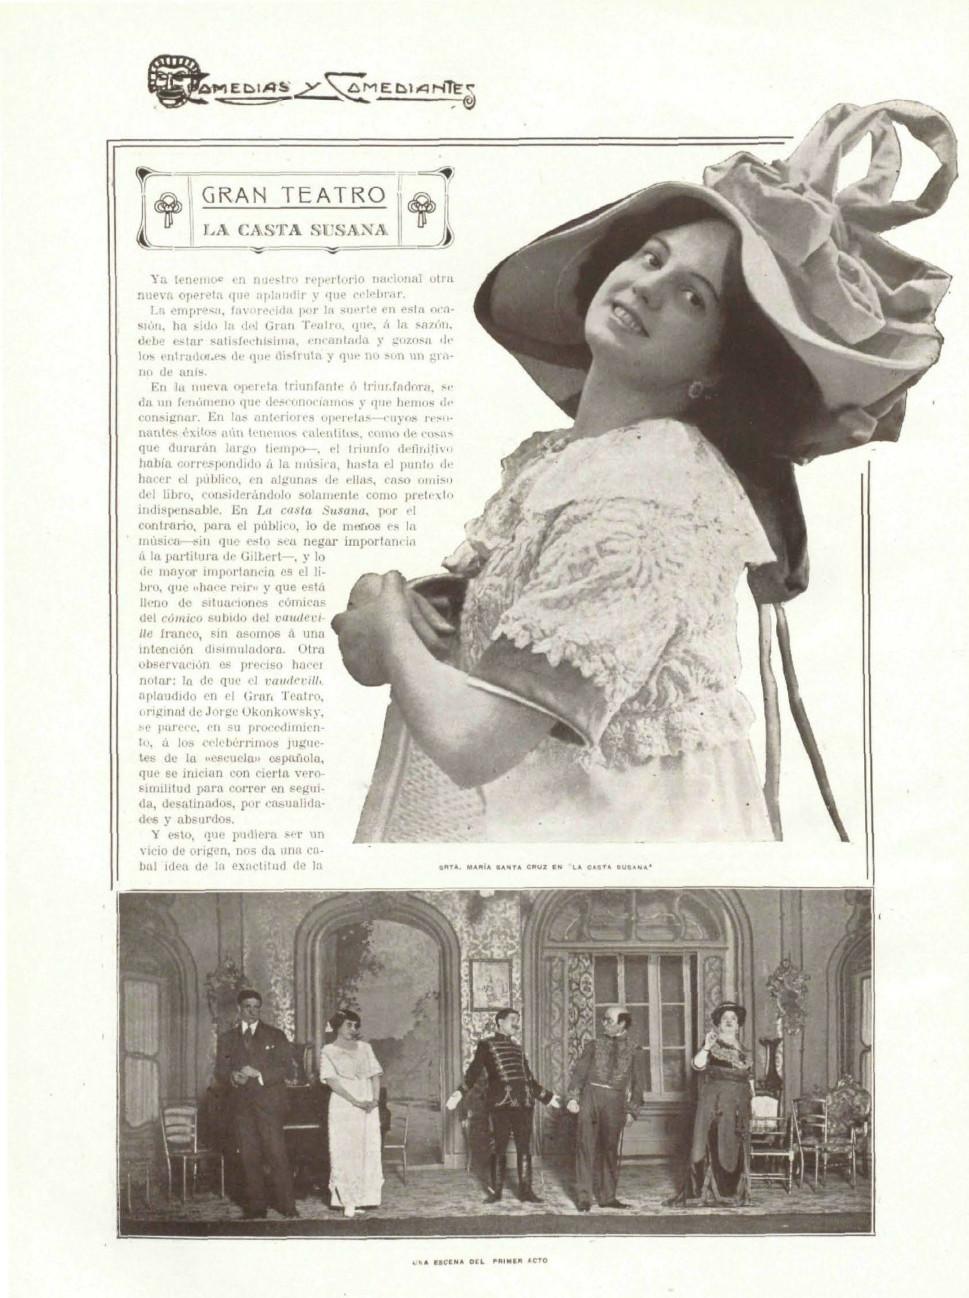 """Photo-reportage of the Spanish premiere of """"La casta Susana"""" starring María Santa Cruz / Gran Teatro, Madrid, 1911. (Photo: Comedias y comediantes. Biblioteca Nacional de España)"""